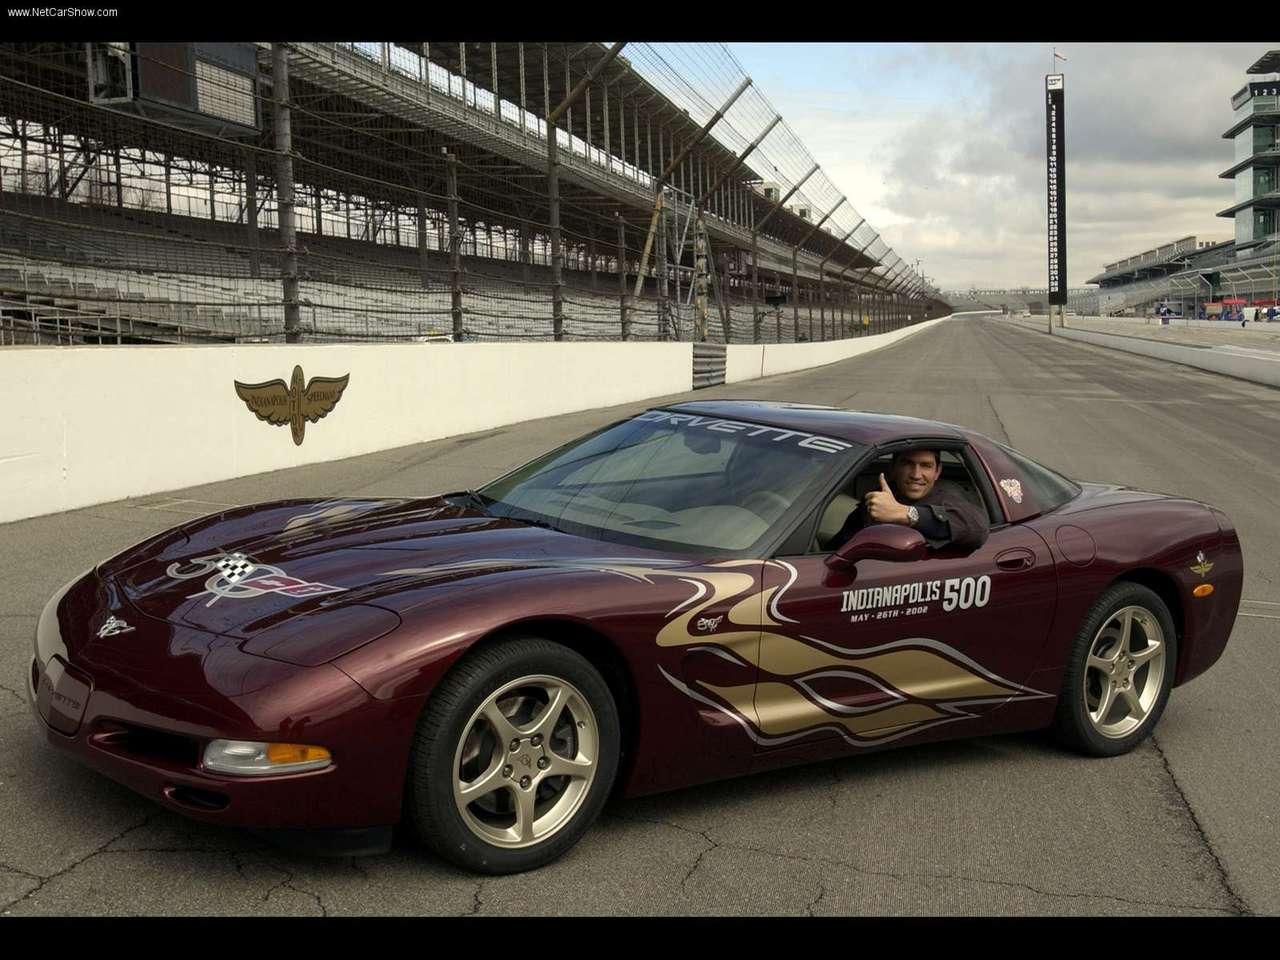 http://4.bp.blogspot.com/-58dh0vEMePM/TYgyFgY7YCI/AAAAAAAAOAA/mpf3So5ee_c/s1600/Chevrolet-Corvette_Indy_500_Pace_Car_2002_1280x960_wallpaper_03.jpg